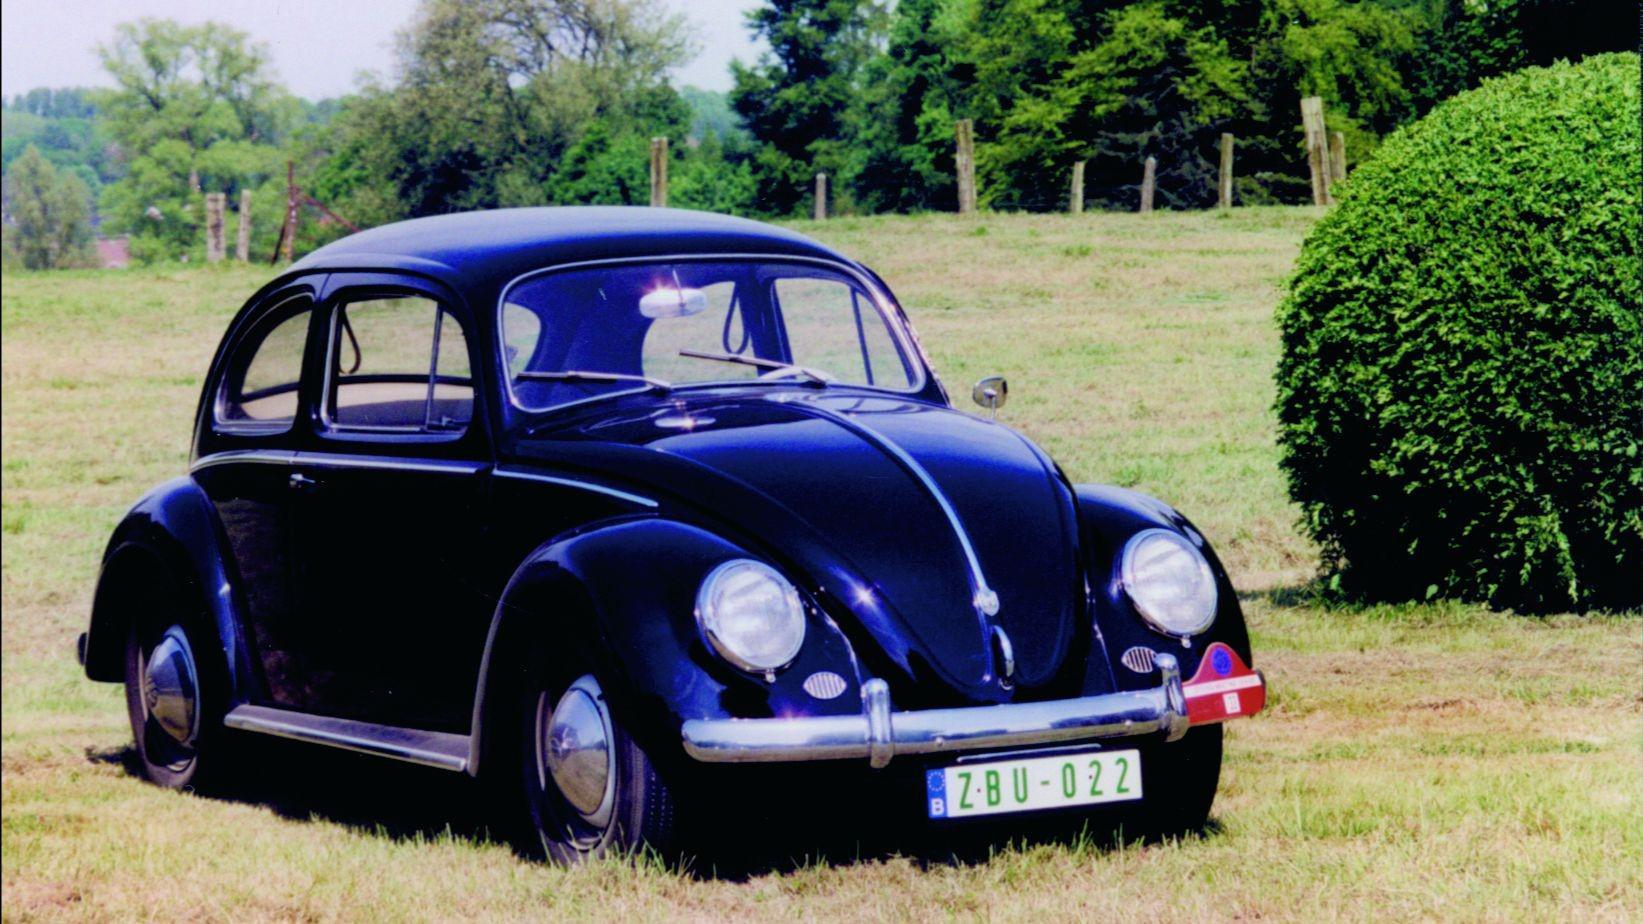 autoworld-museum-brussels-presente-volkswagen-milestones-1421-2.jpg